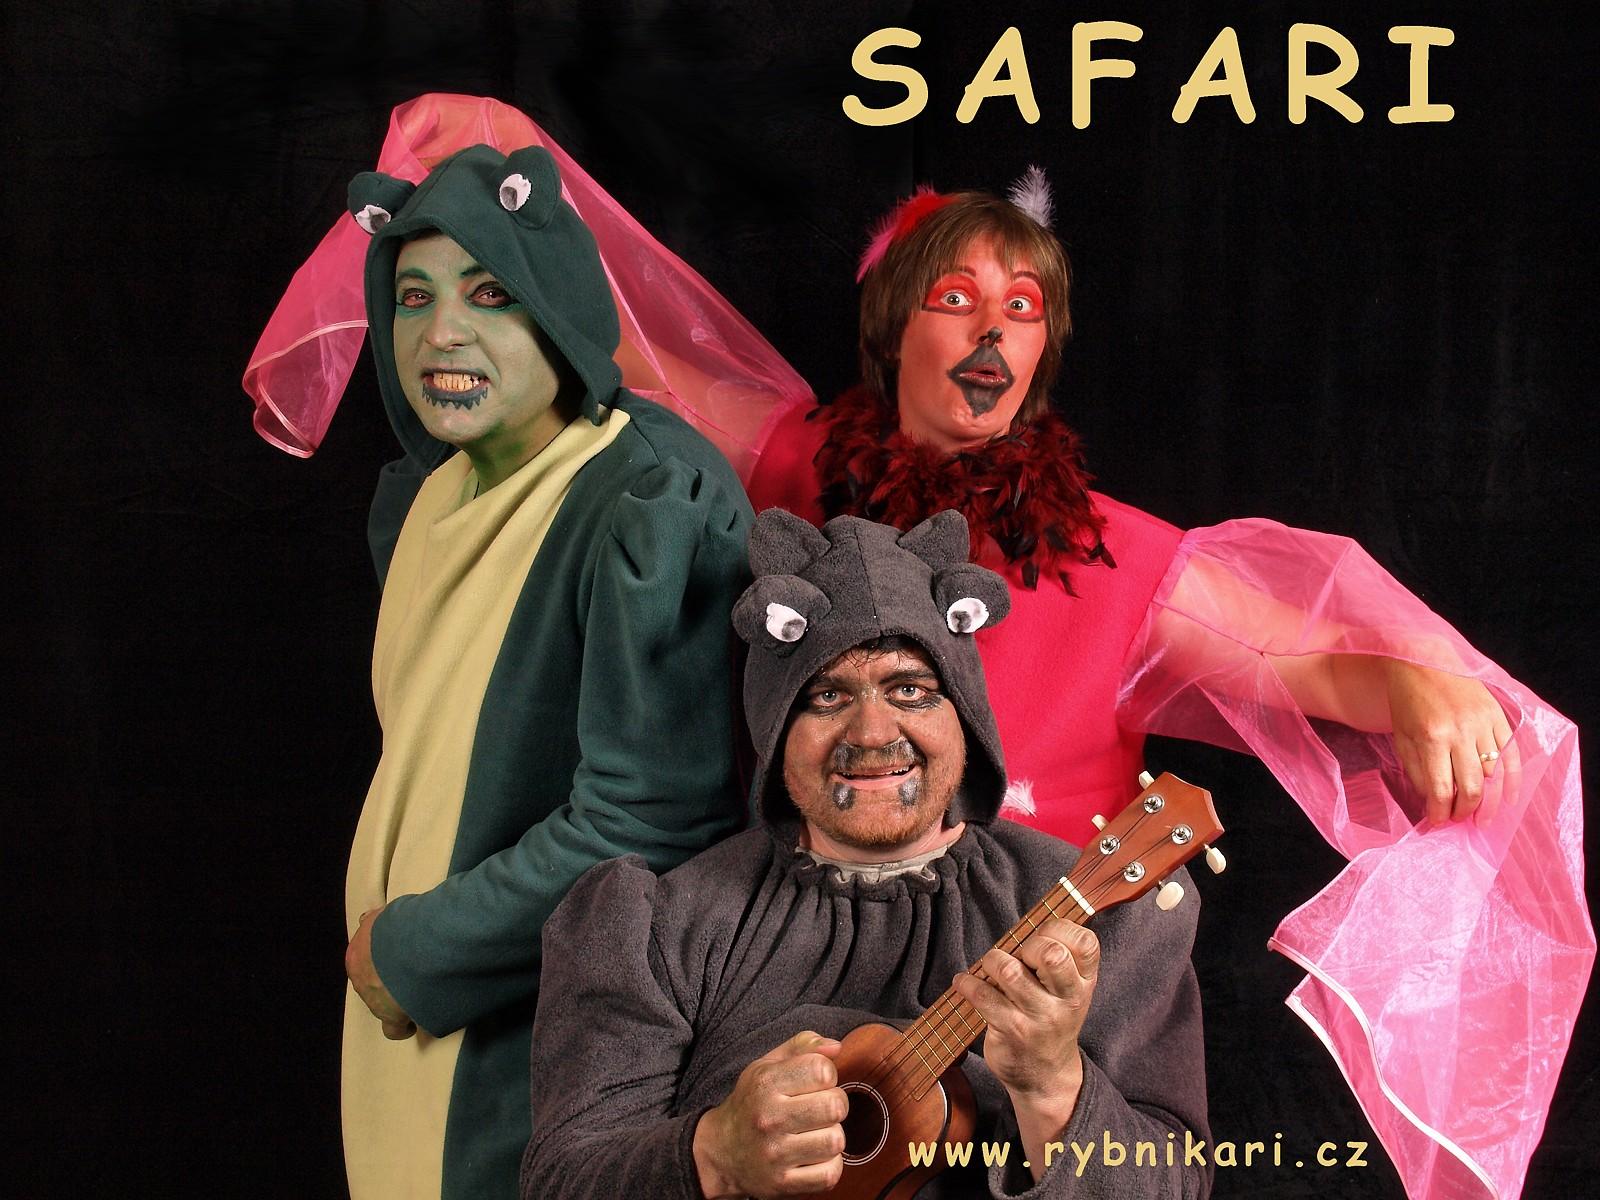 safari_1_karneval